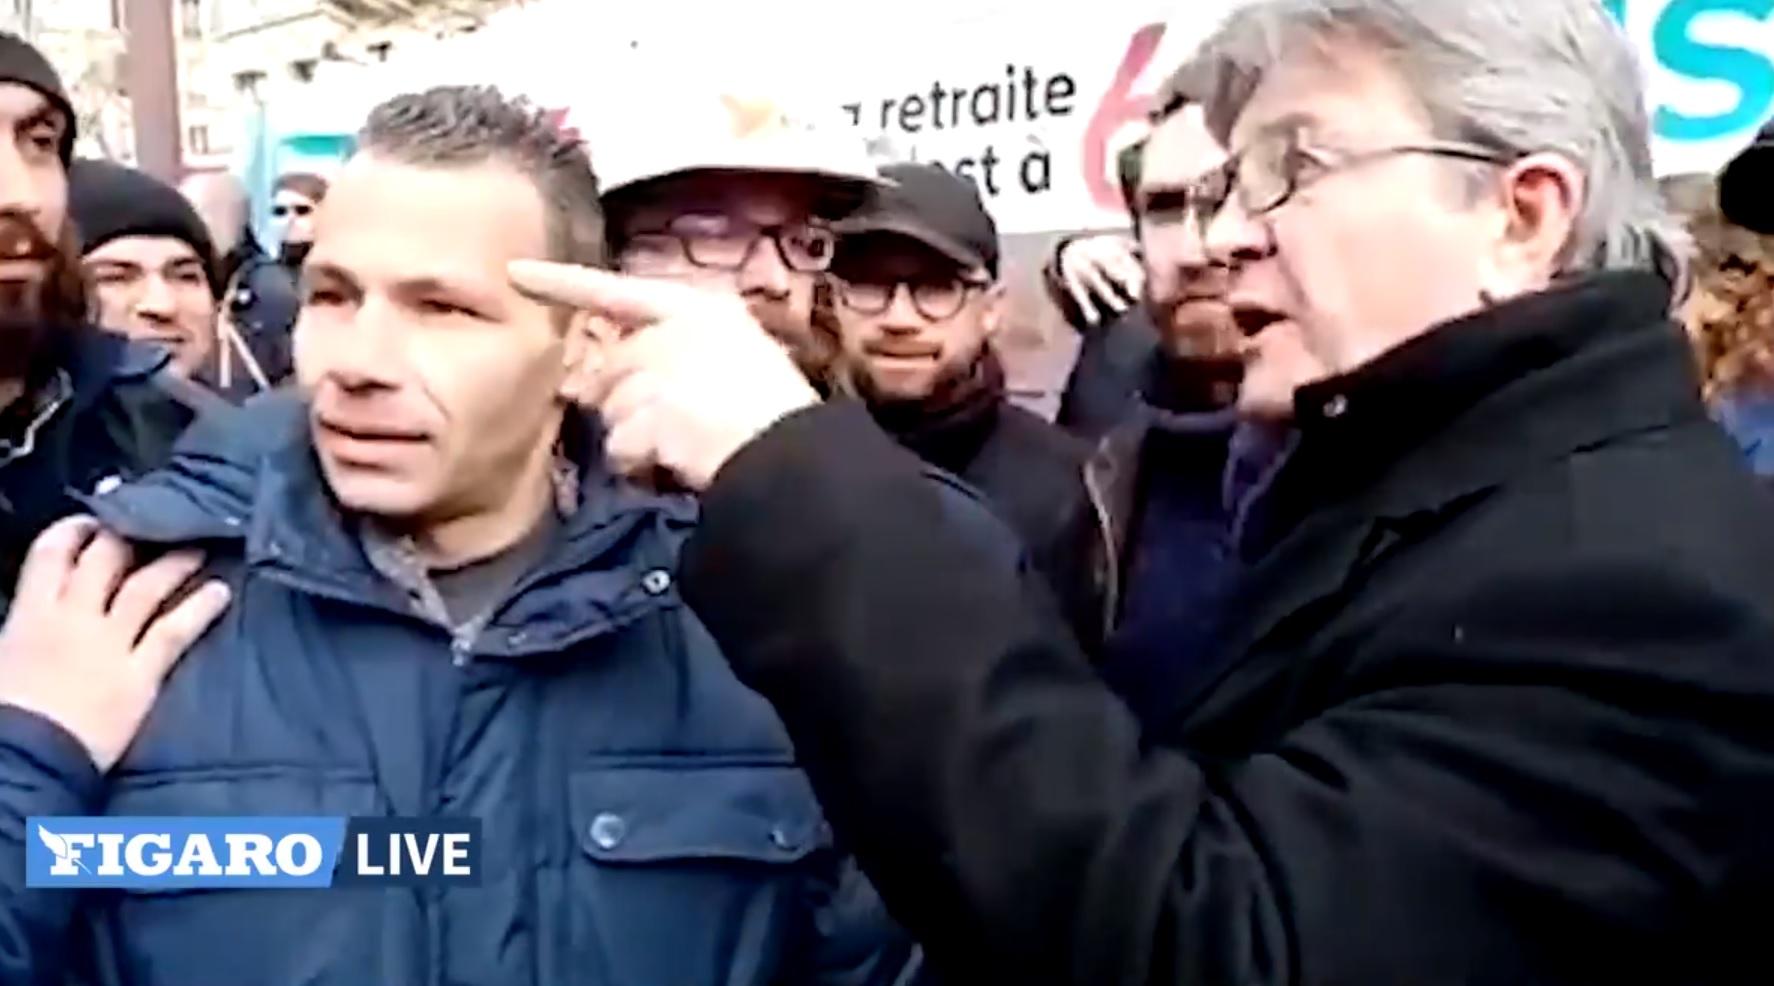 «Va voir ta mère» : Jean-Luc Mélenchon perd ses nerfs contre un manifestant